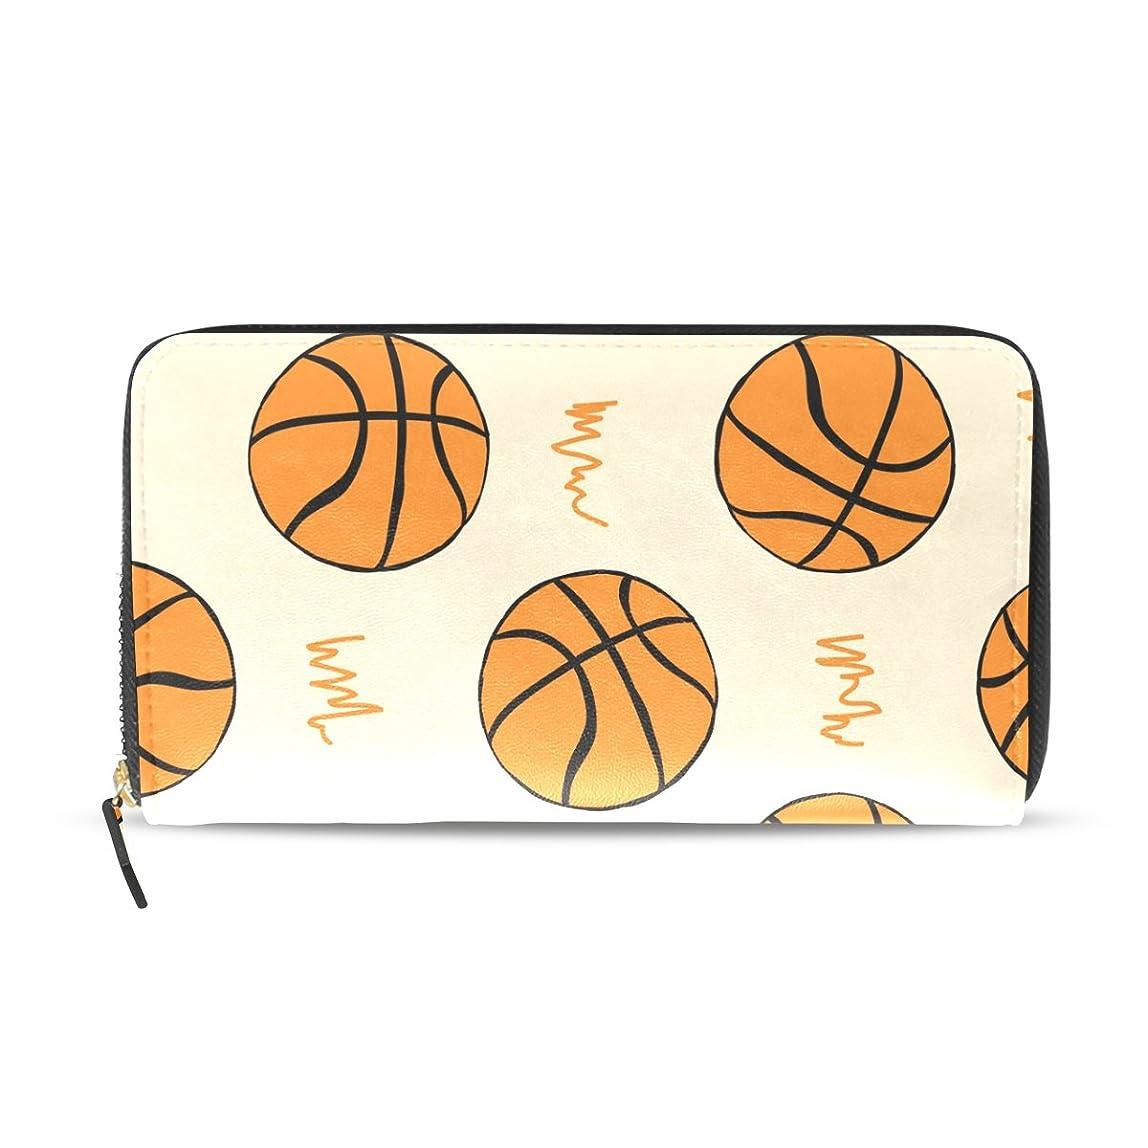 引き金恐ろしいです具体的にAOMOKI 財布 長財布 ラウンドファスナー 男女兼用 大容量 PUレザー 幅20*丈11cm バスケットボール